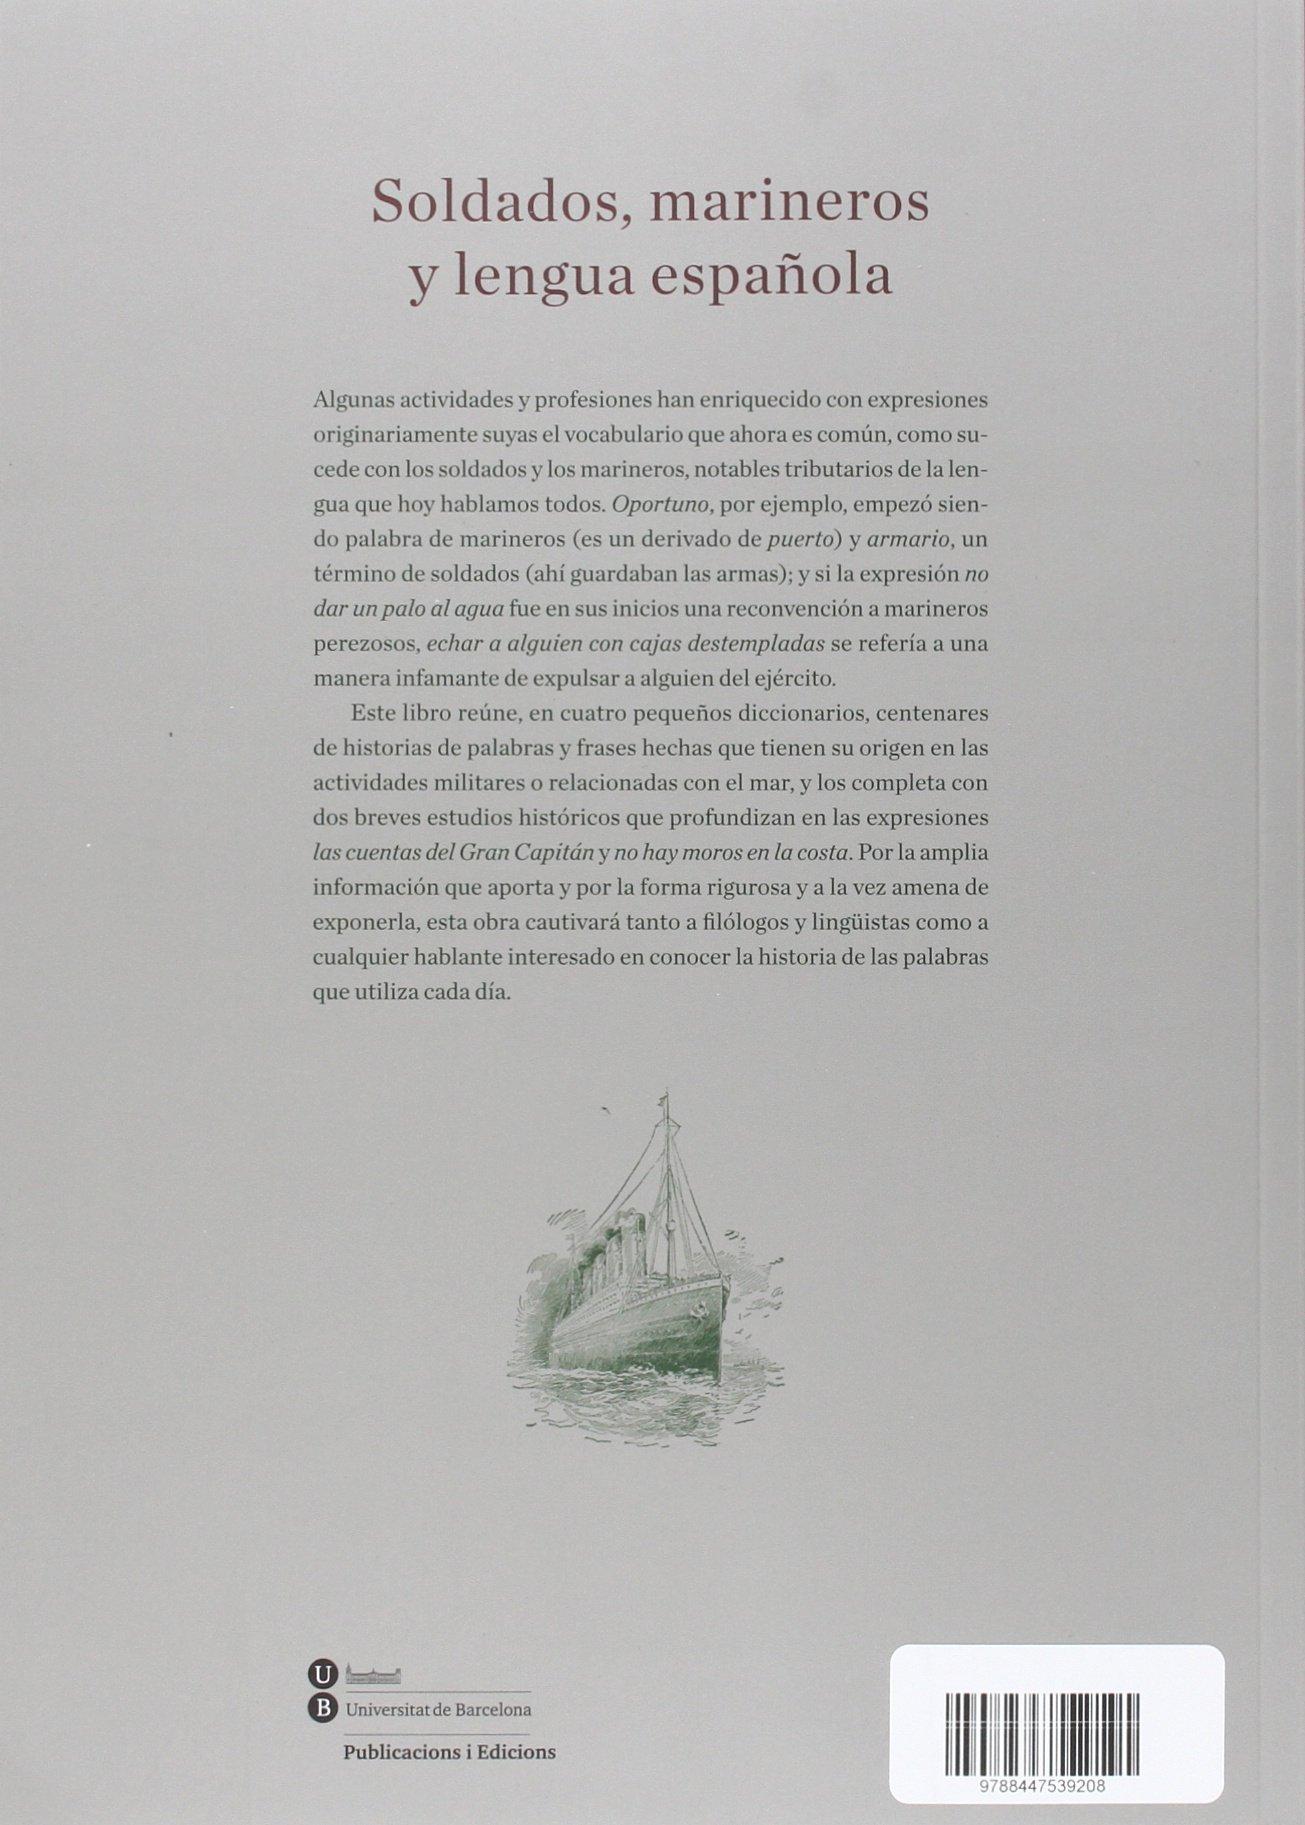 Soldados, Marineros Y Lengua Española BIBLIOTECA UNIVERSITÀRIA: Amazon.es: Juan-Pablo GarcIa-Borrón: Libros